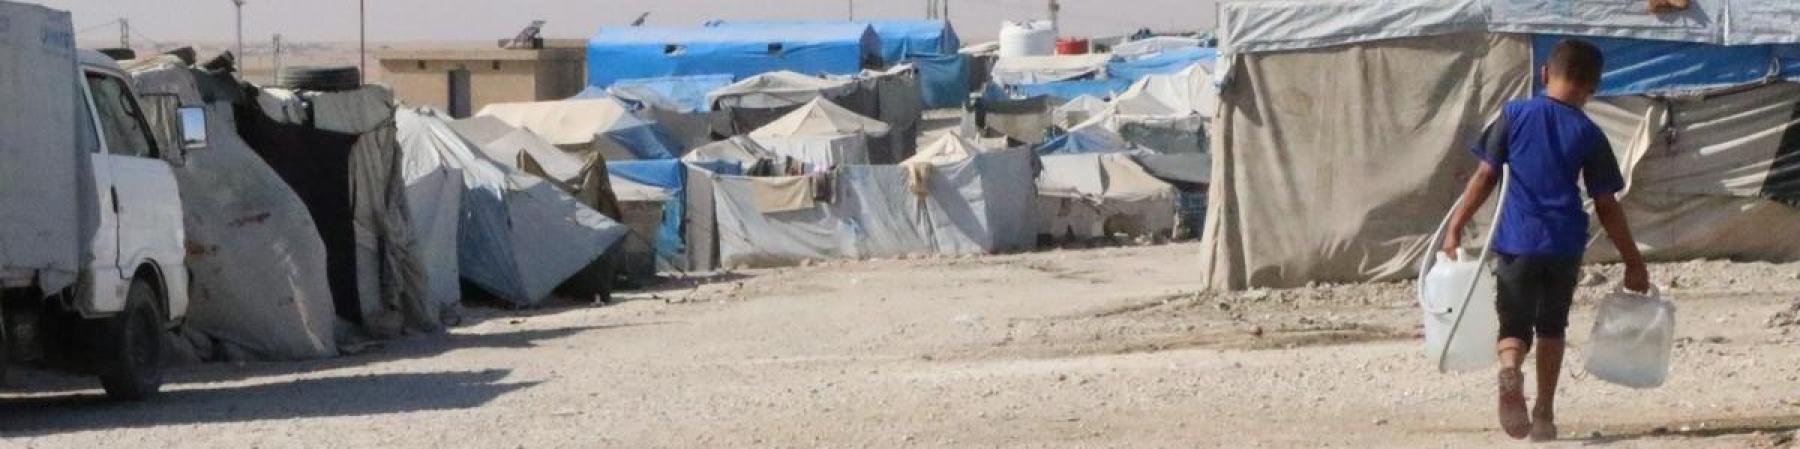 bambino nel campo rifugiati con due taniche